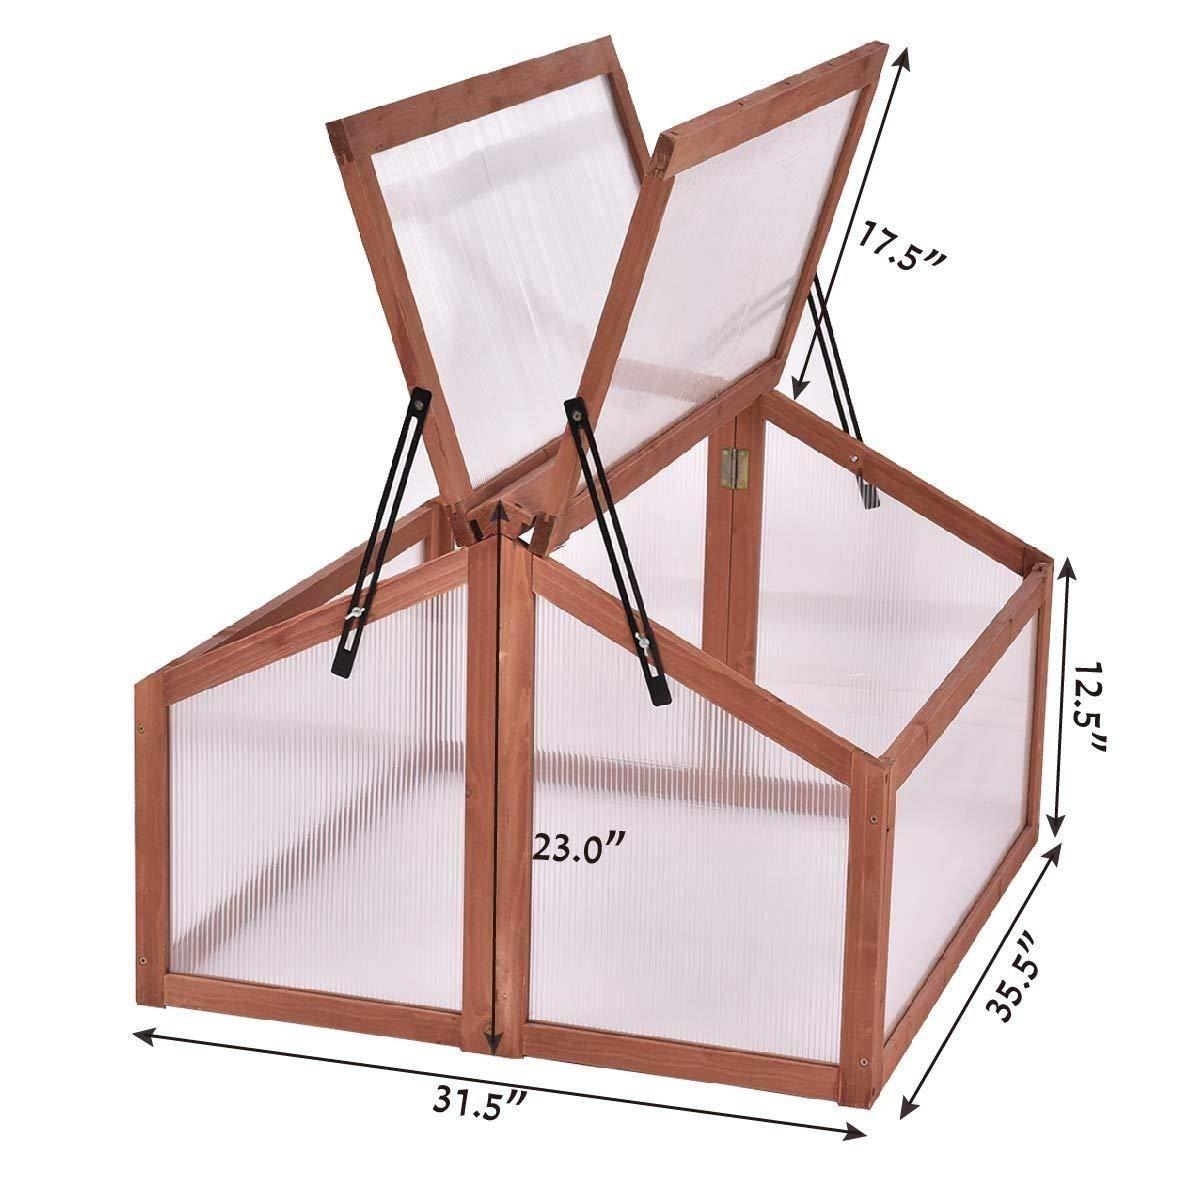 Amazon.com: LHONE - Cajas dobles para jardín elevadas al ...